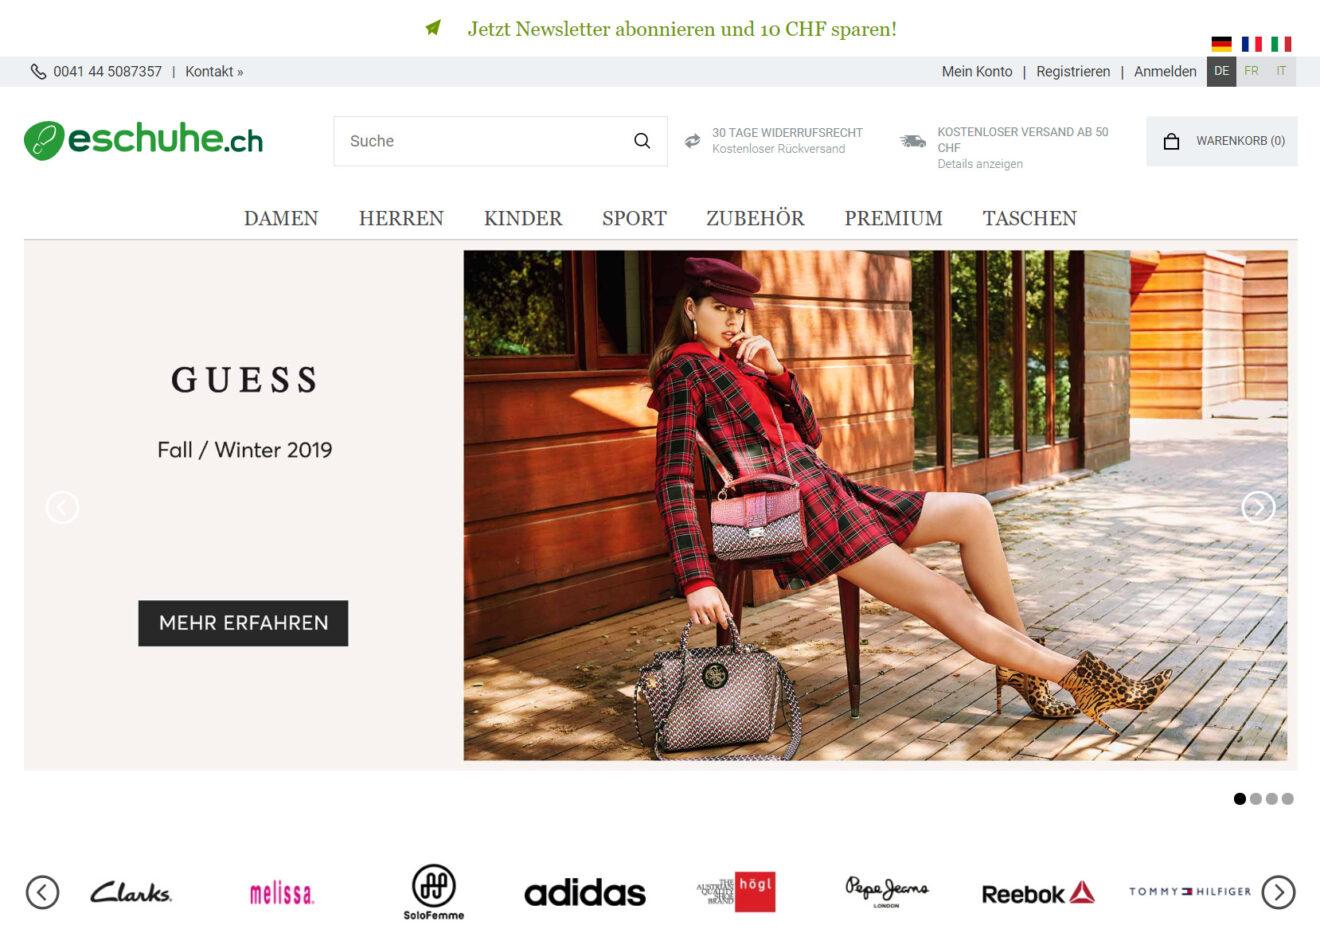 Startseite von eschuhe.ch